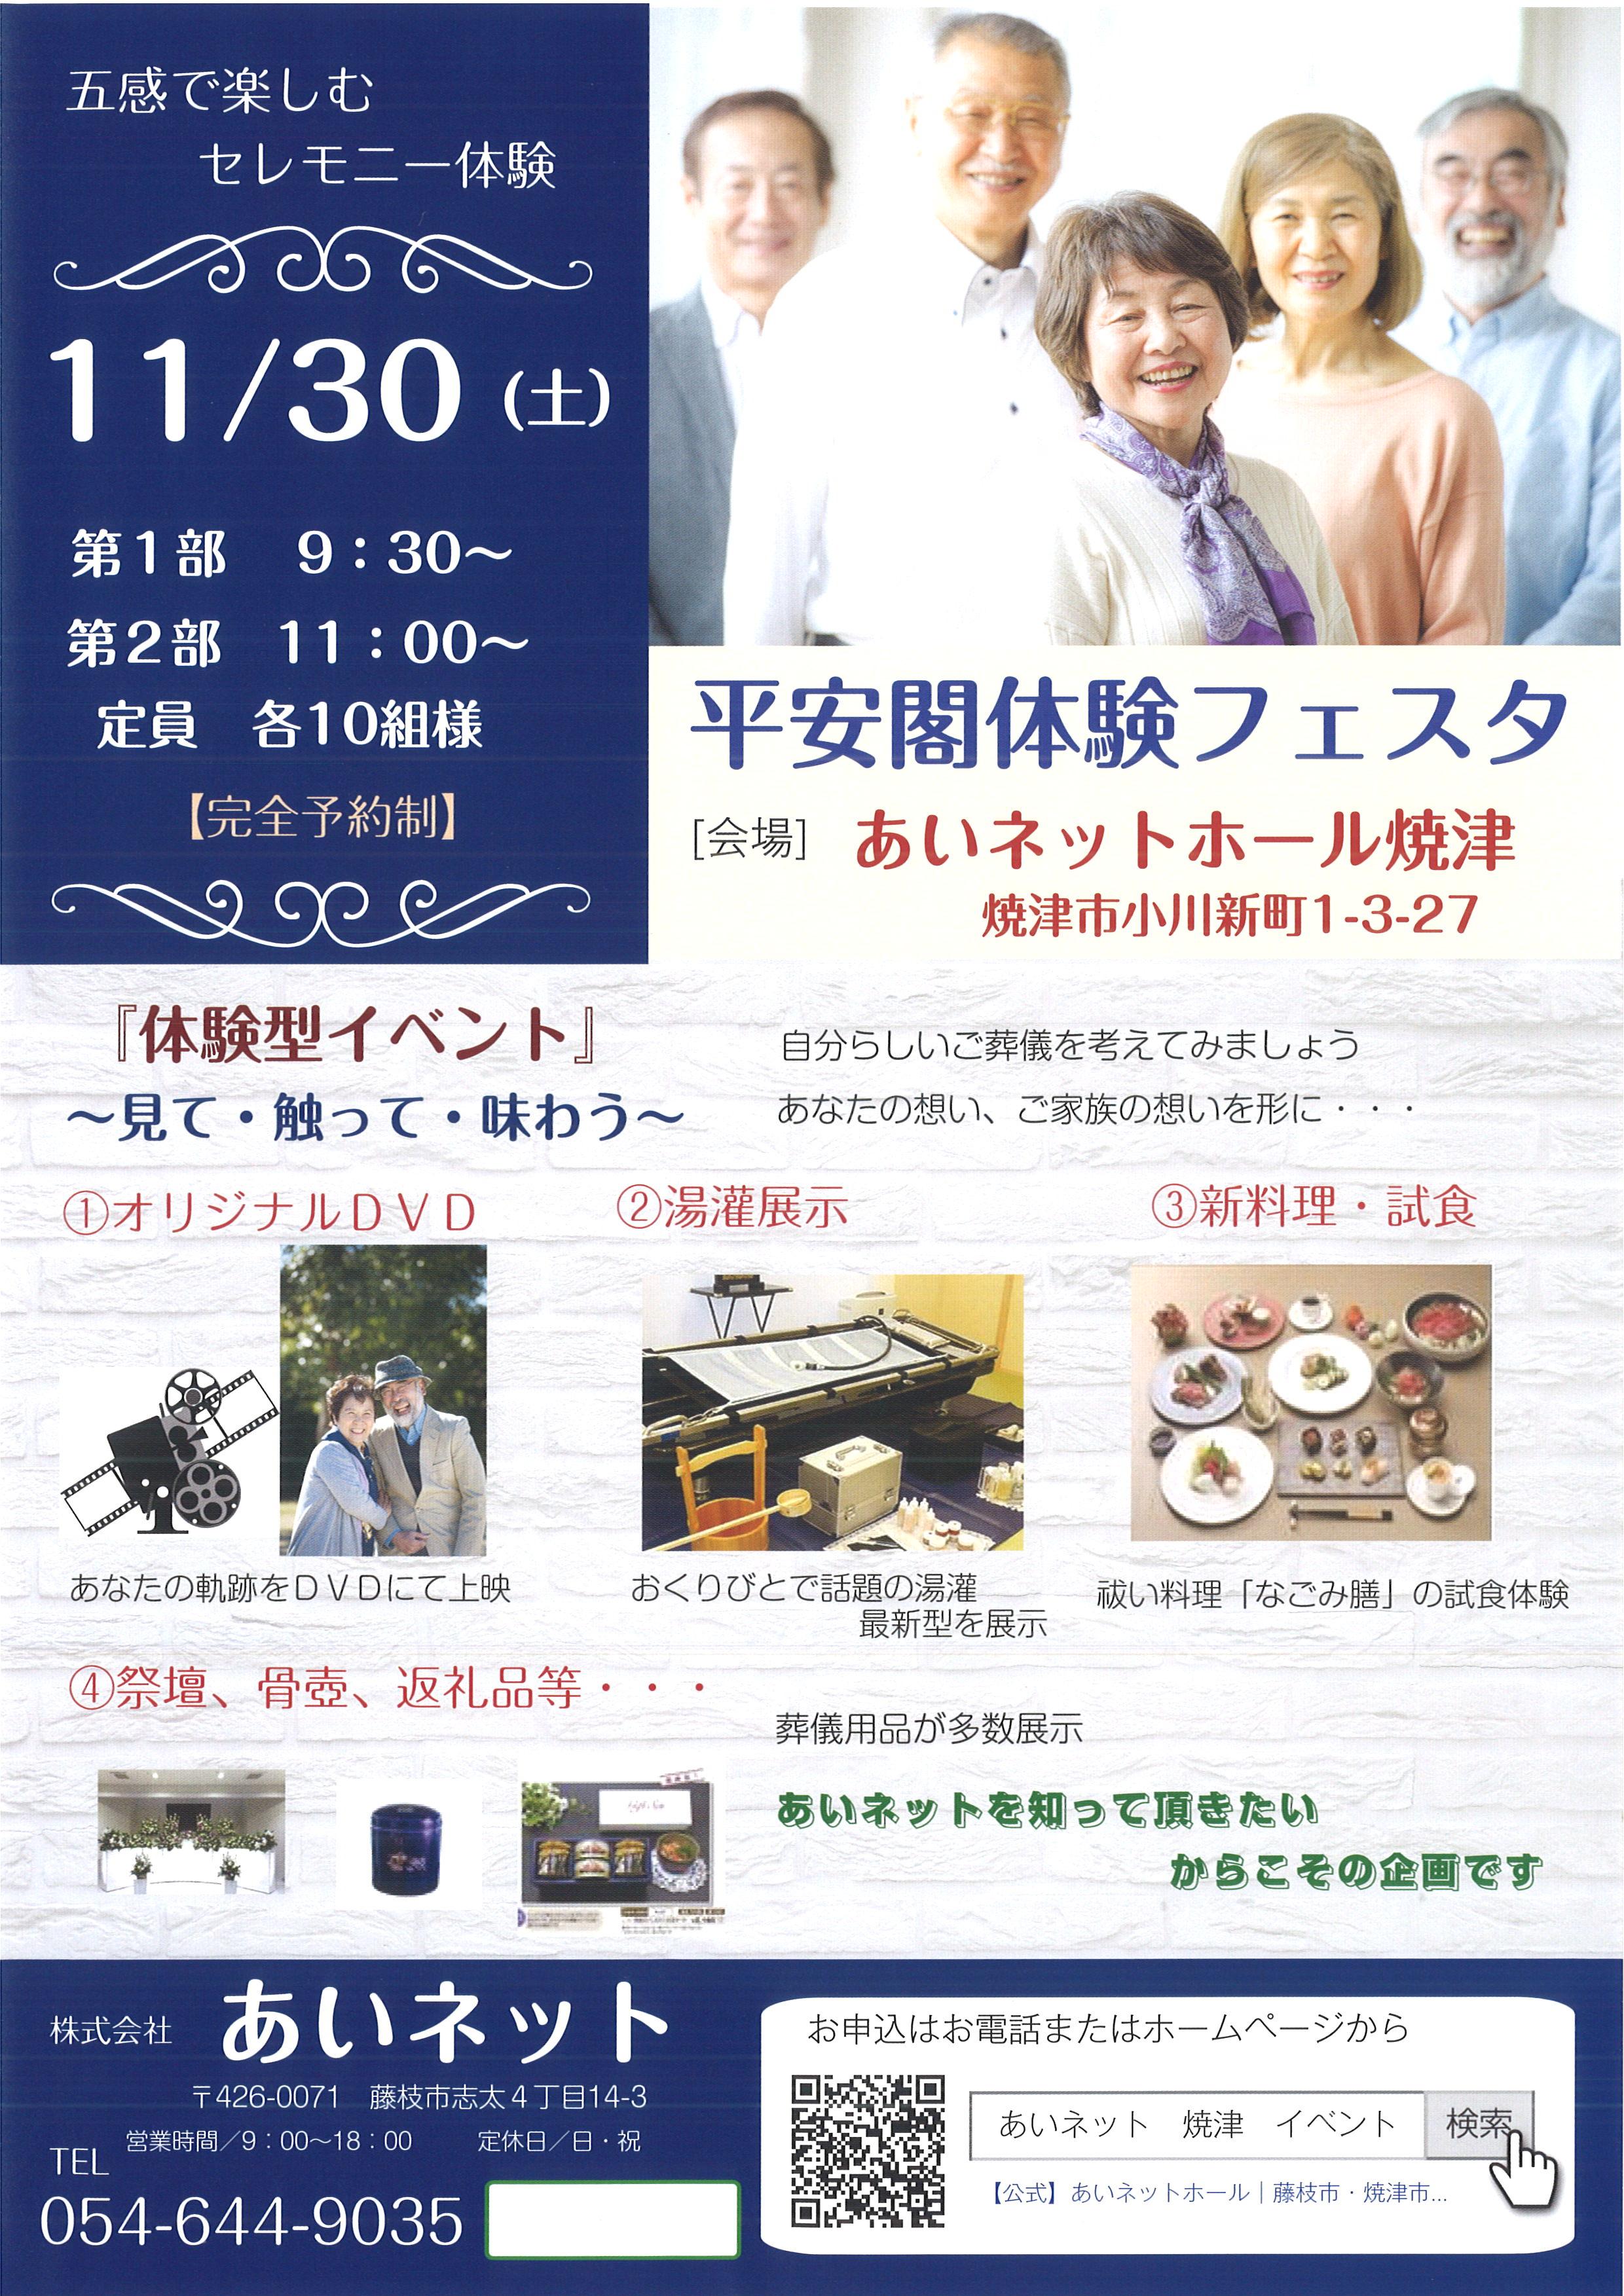 11月30日 平安閣☆フェスタ開催